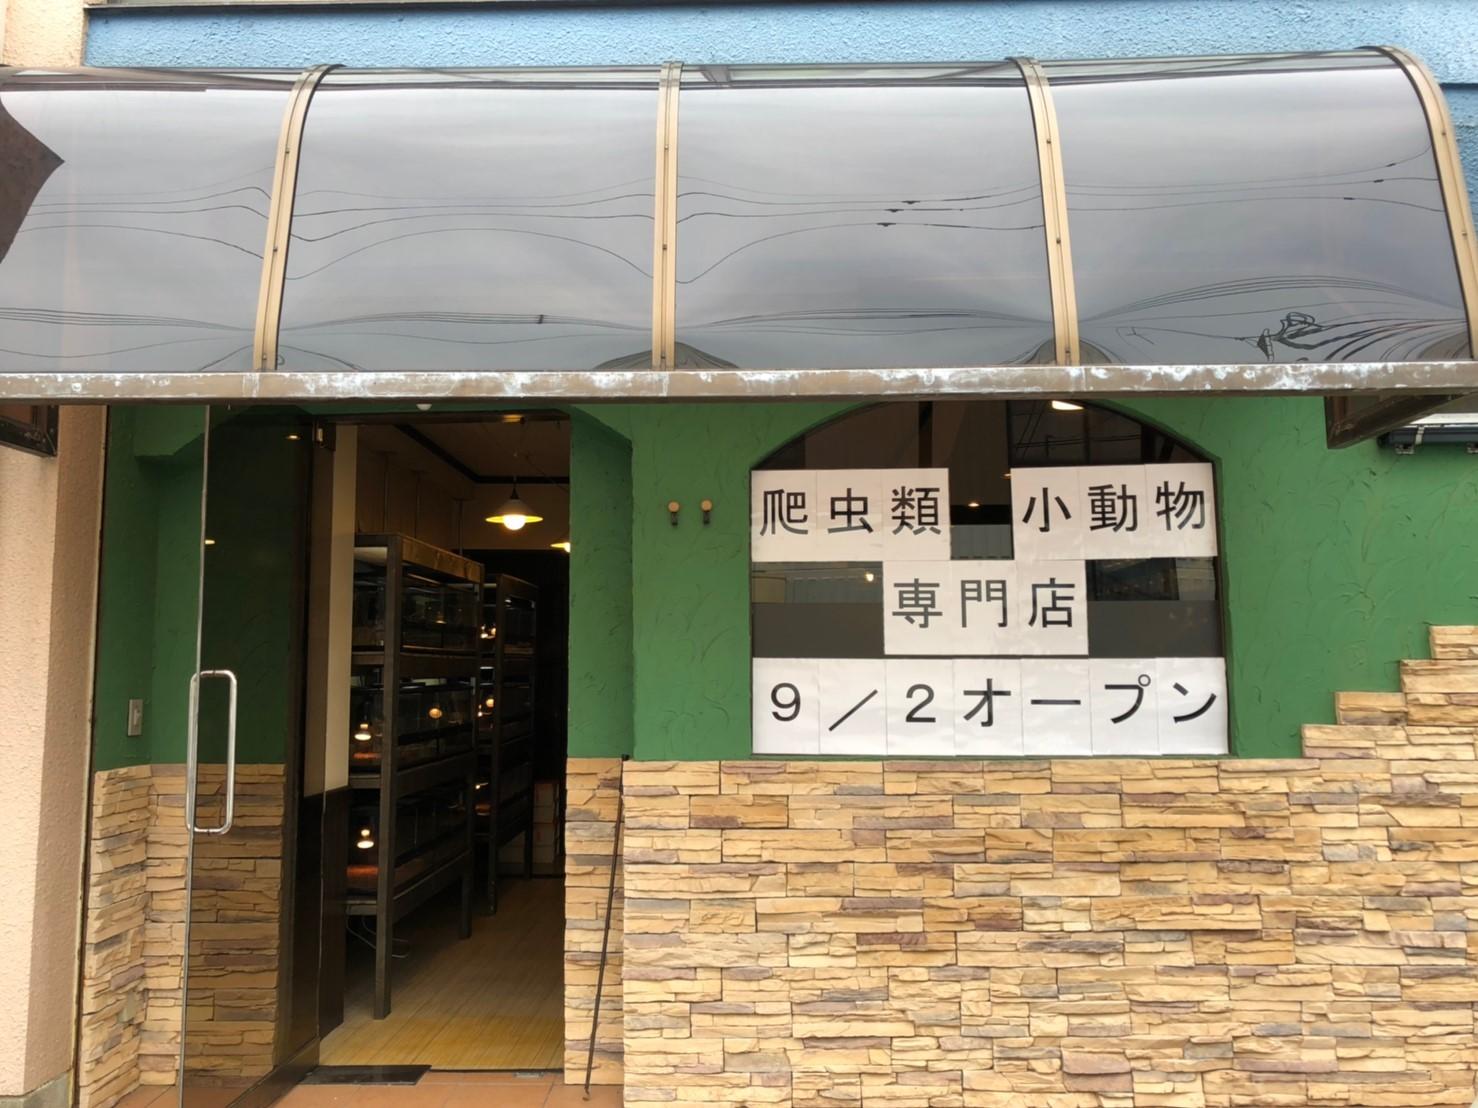 いざ大冒険!!BBNの新規事業部のご紹介!!!_b0191255_18521656.jpg